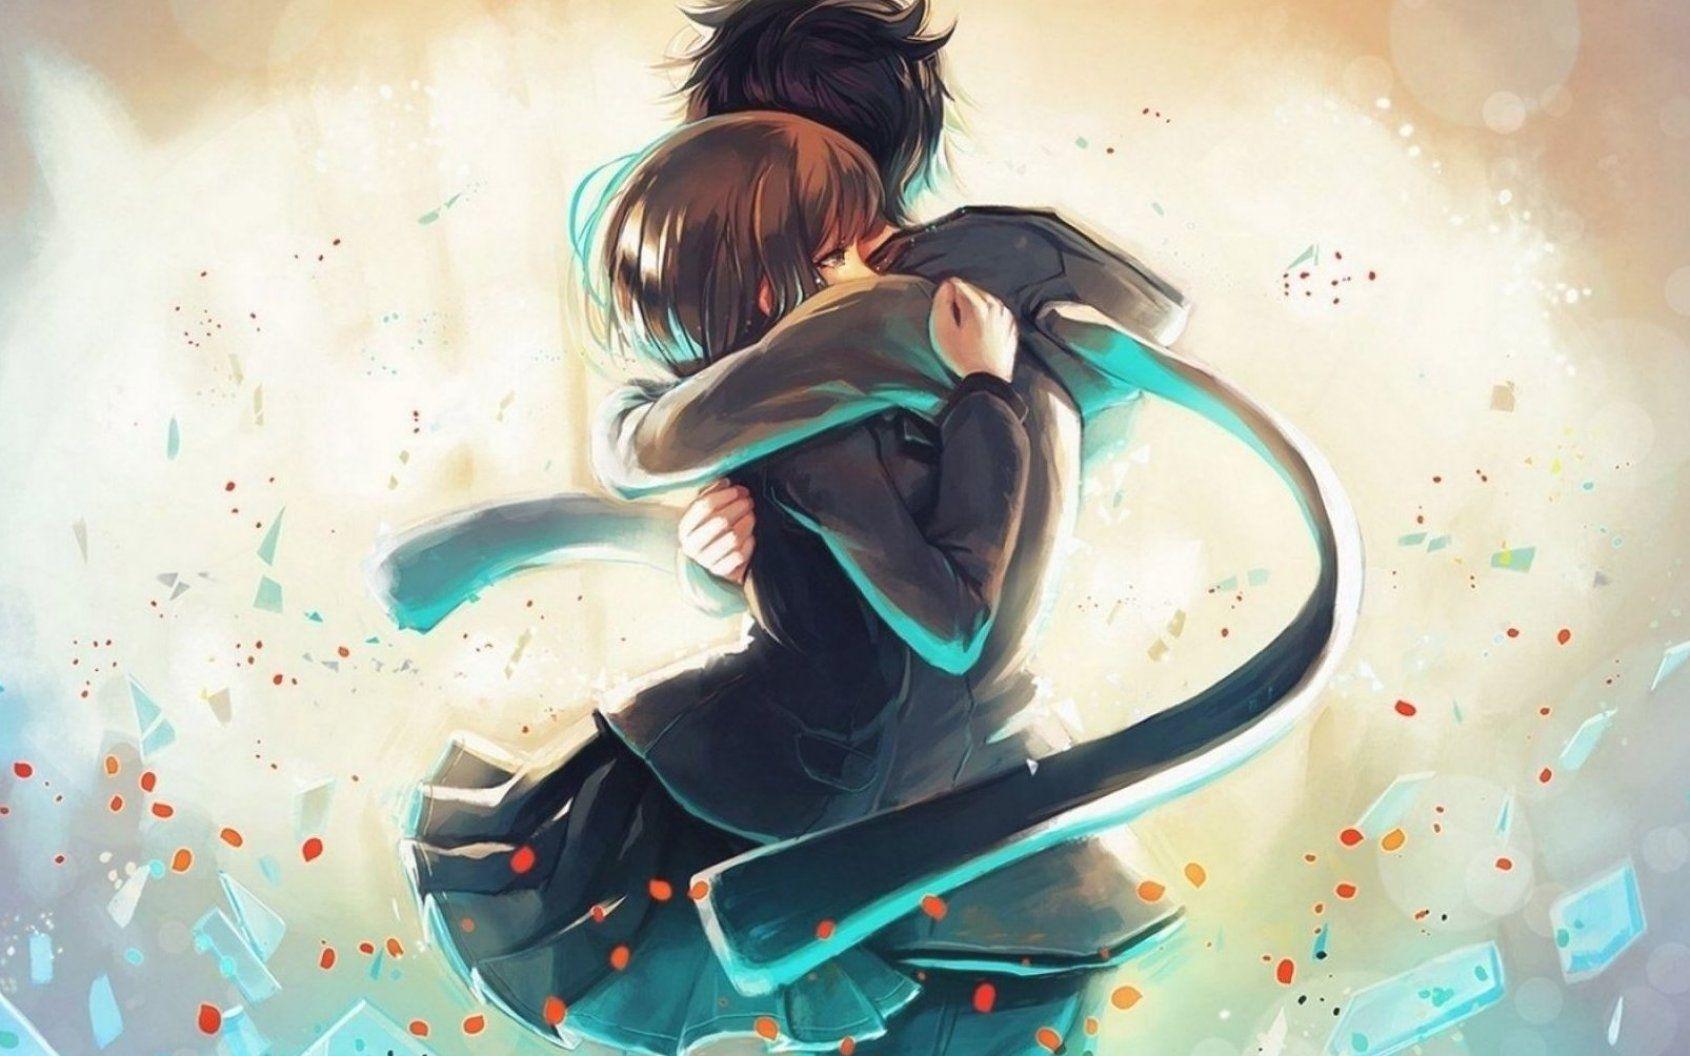 Anime Couple Wallpapers For Mobile Cute Anime Wallpapers 82 Background Pictures 73 Cute Anime Couple Wallpaper In 2020 Hd Anime Wallpapers Anime Wallpaper Anime Hug